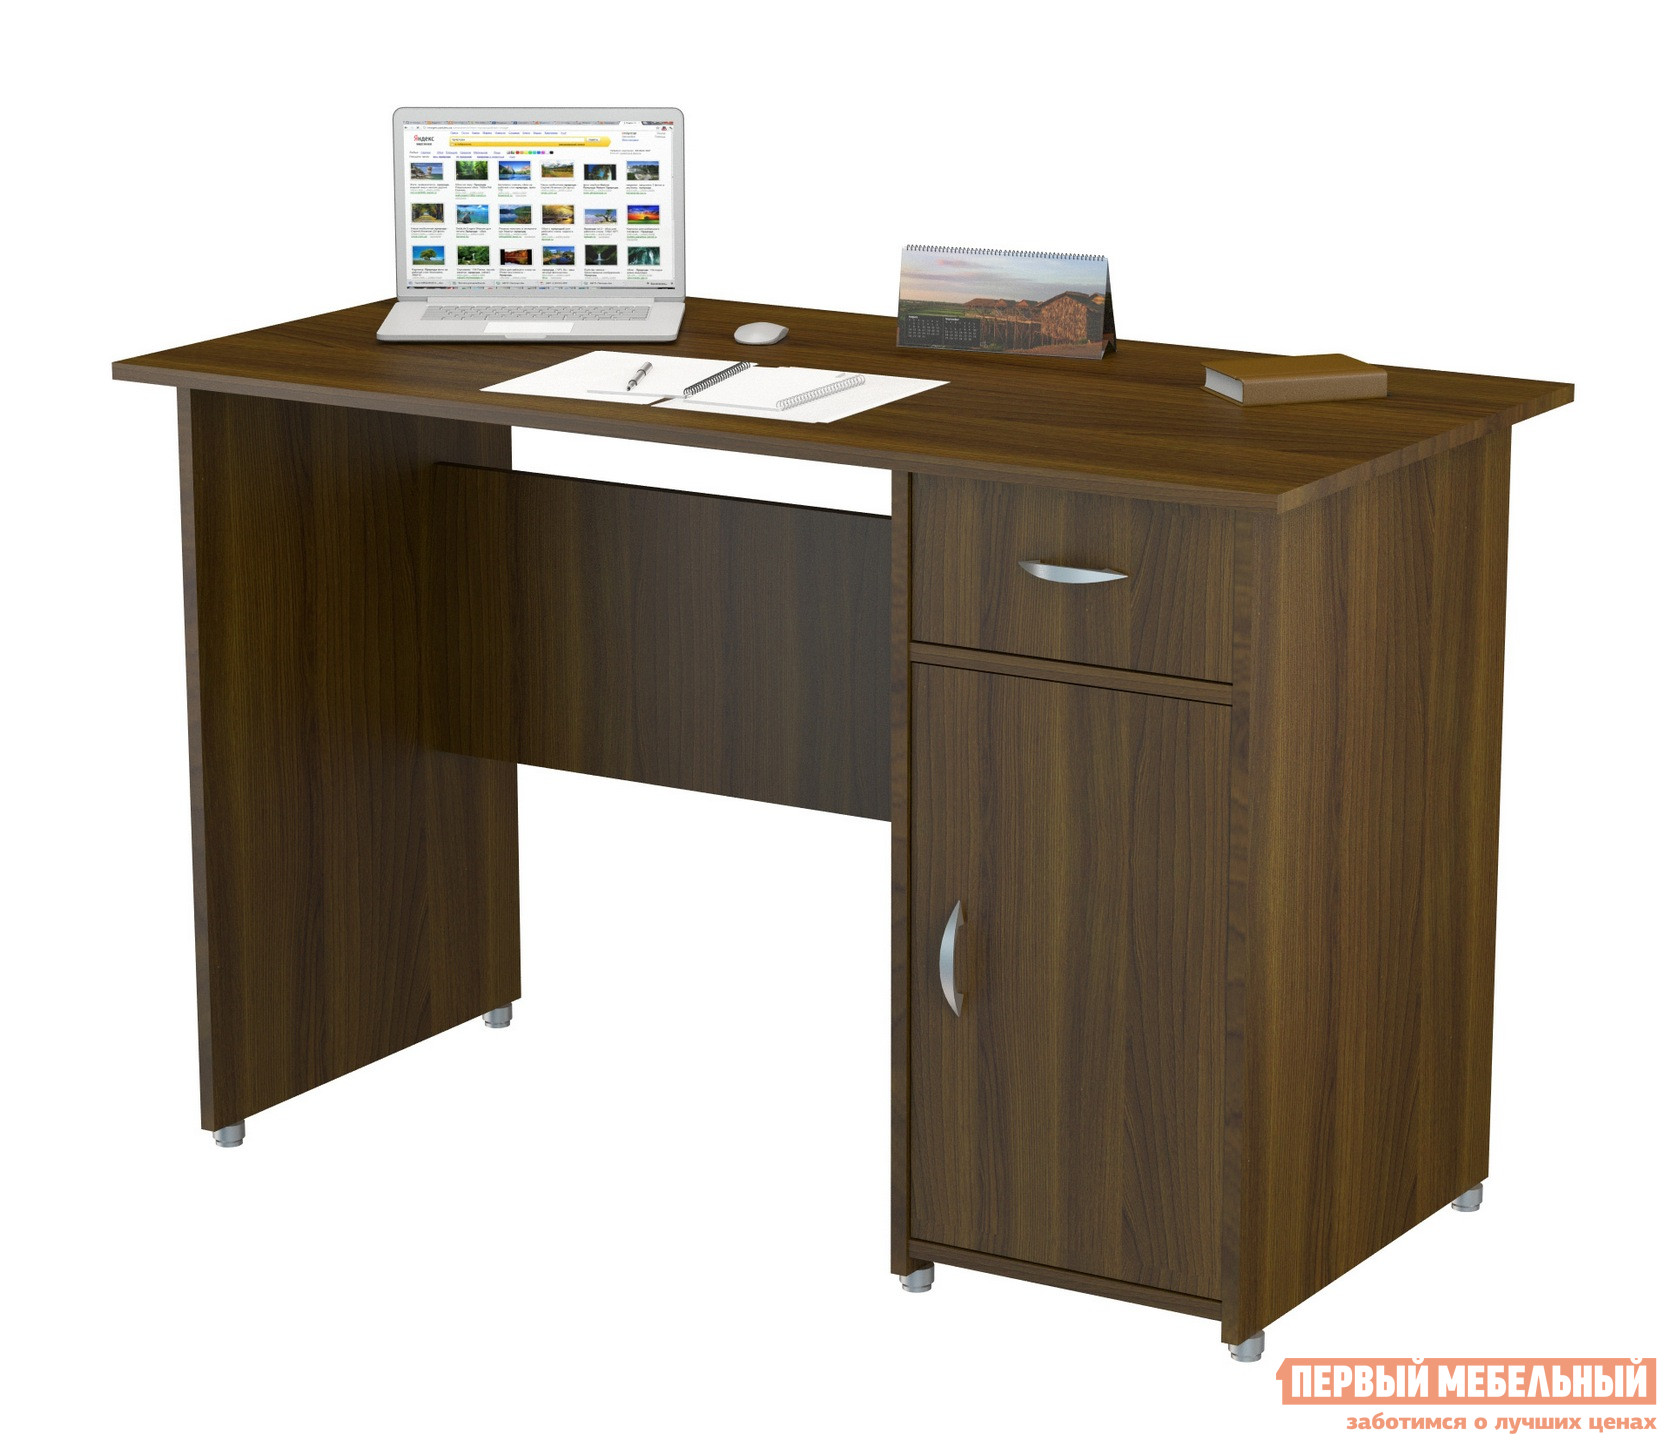 Фото Компьютерный стол ВасКо ПС 40-08 М1 Орех Валенсия. Купить с доставкой